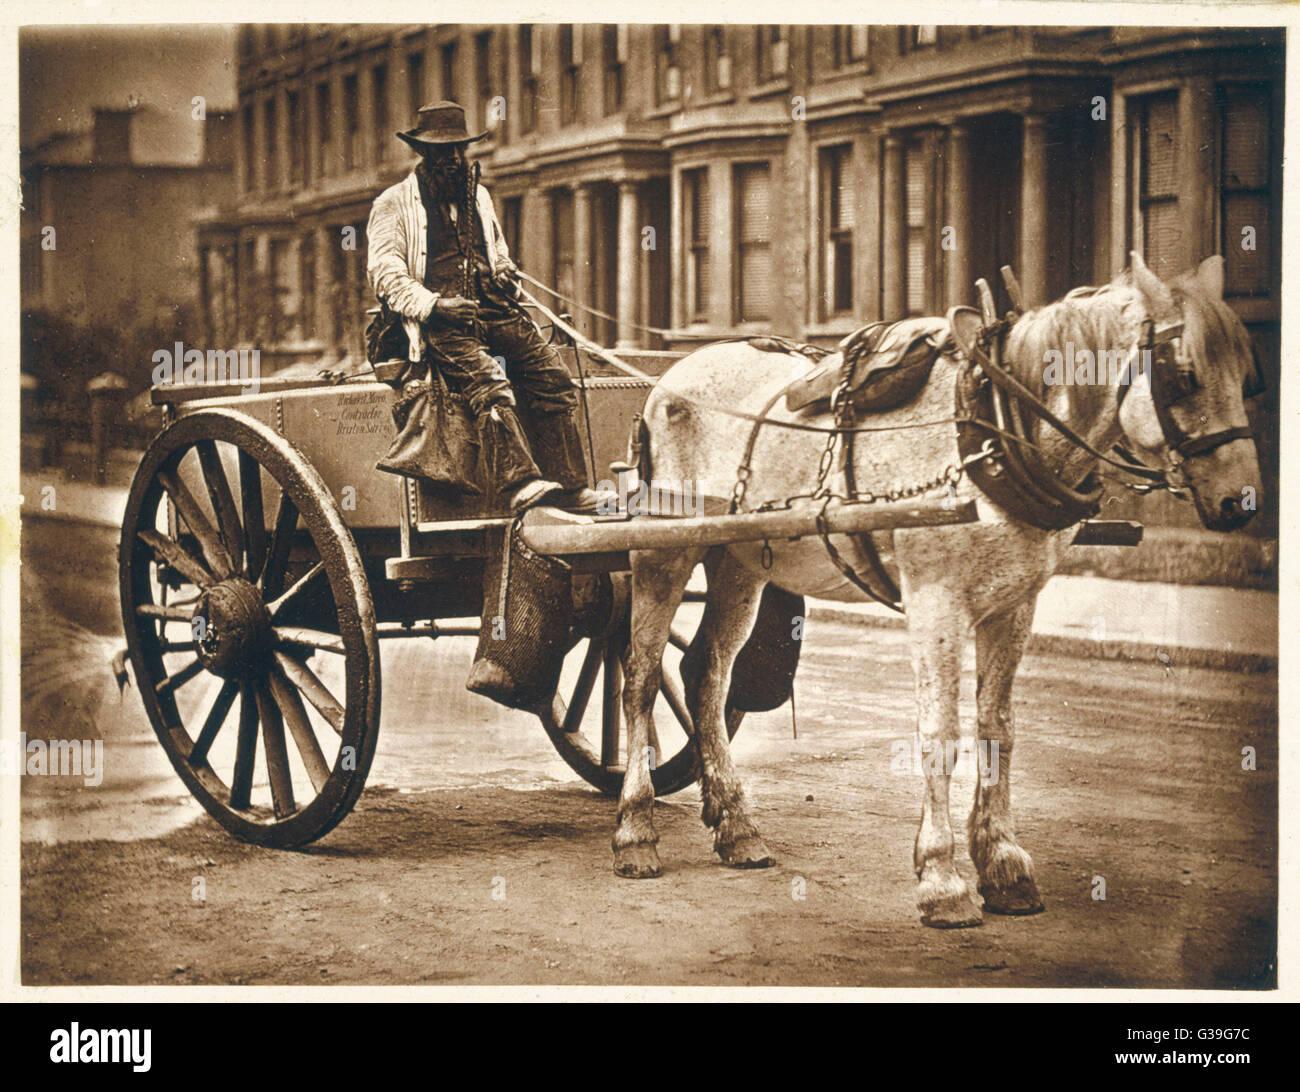 Un vendeur d'eau de Londres dans son panier. Date: 1877 Photo Stock